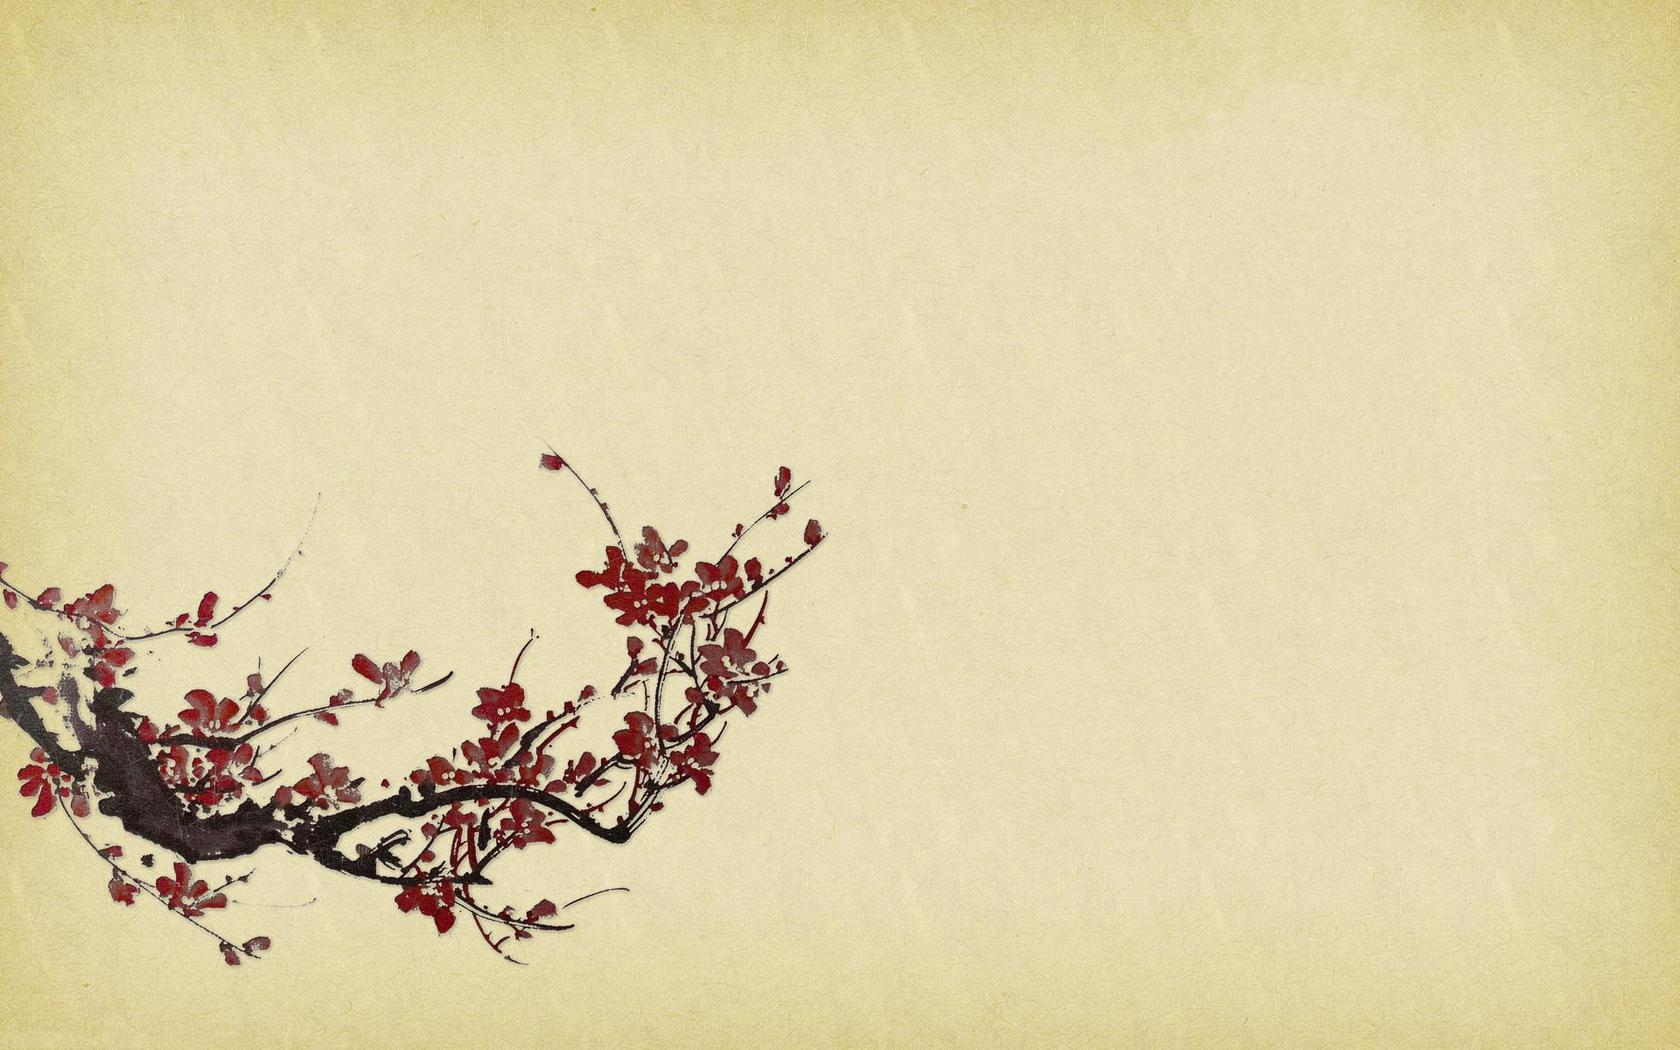 japanese art computer wallpaper 7662 1680x1050 px ~ hdwallsource